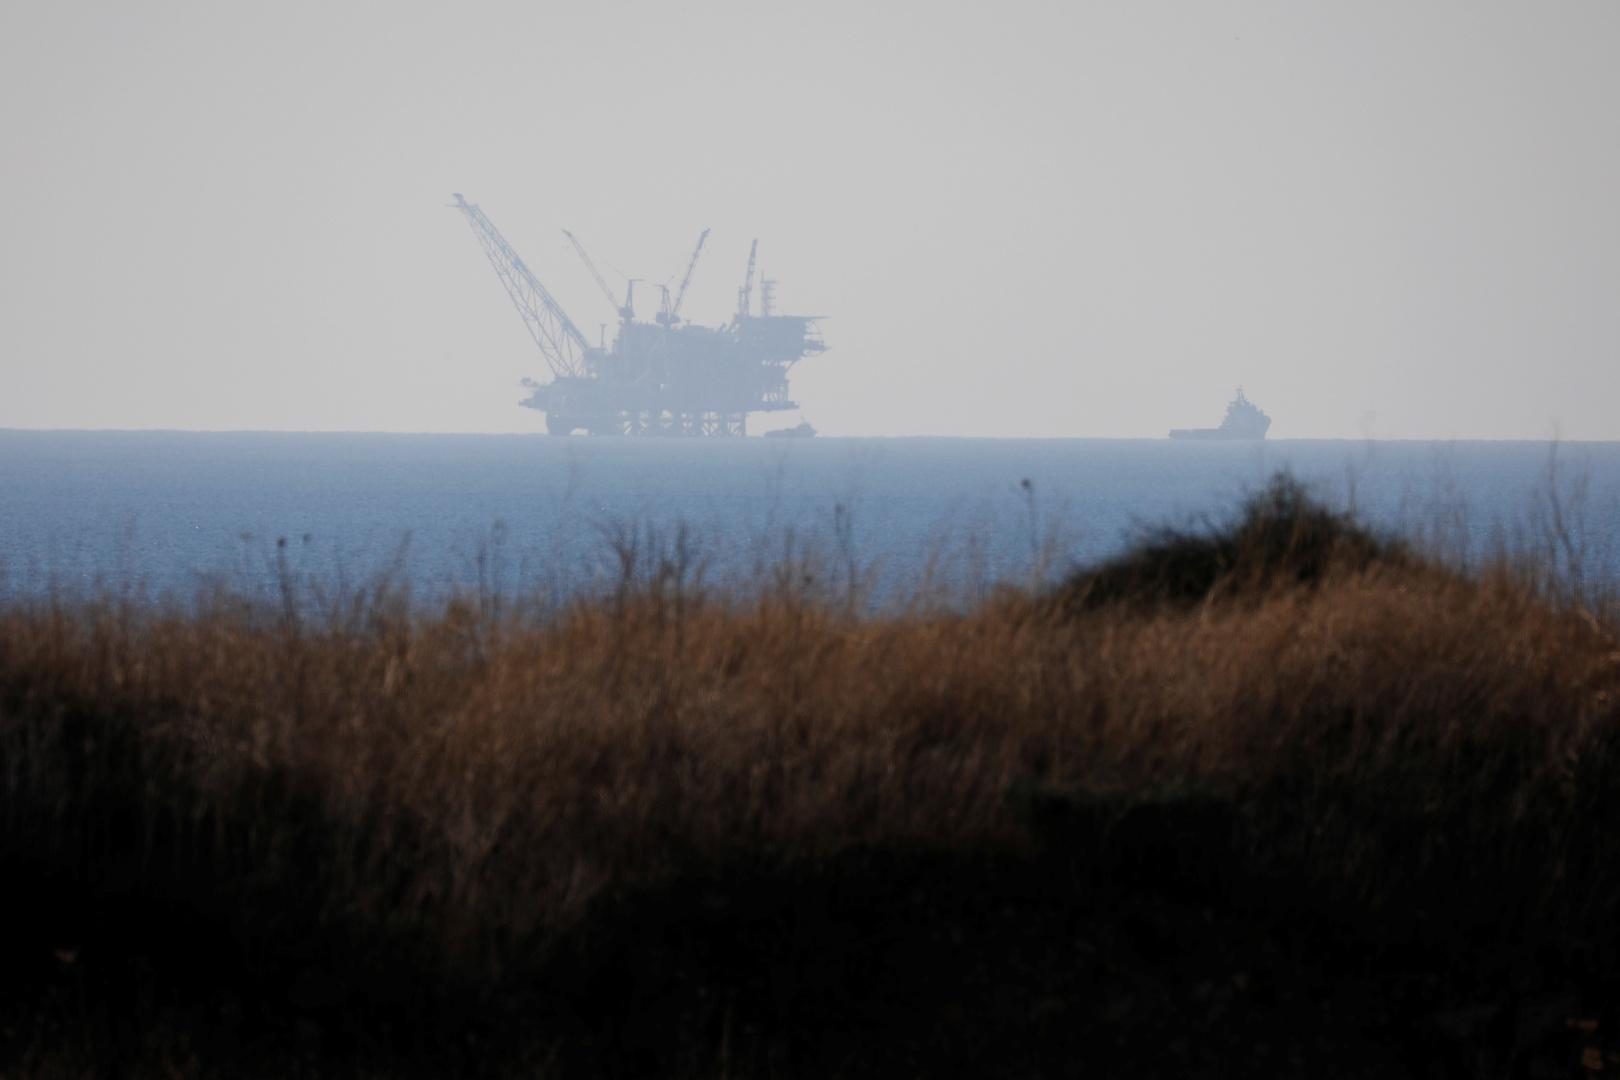 إسرائيل تبدأ بضخ الغاز من حقل ليفياثان إلى الأردن